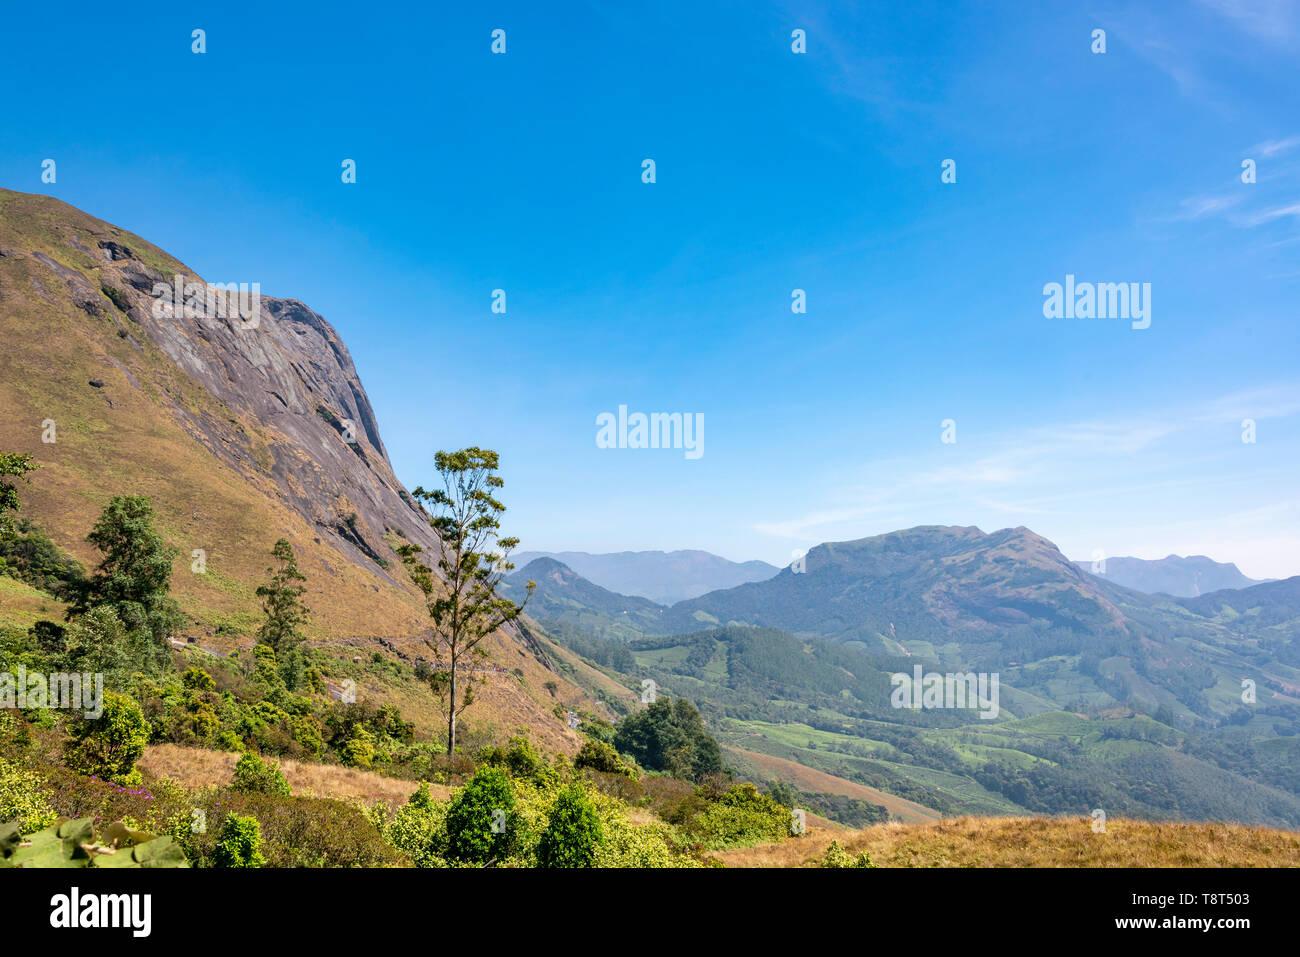 Horizontal view of Ana Mudi peak in Eravikulam National Park in Munnar, India. Stock Photo